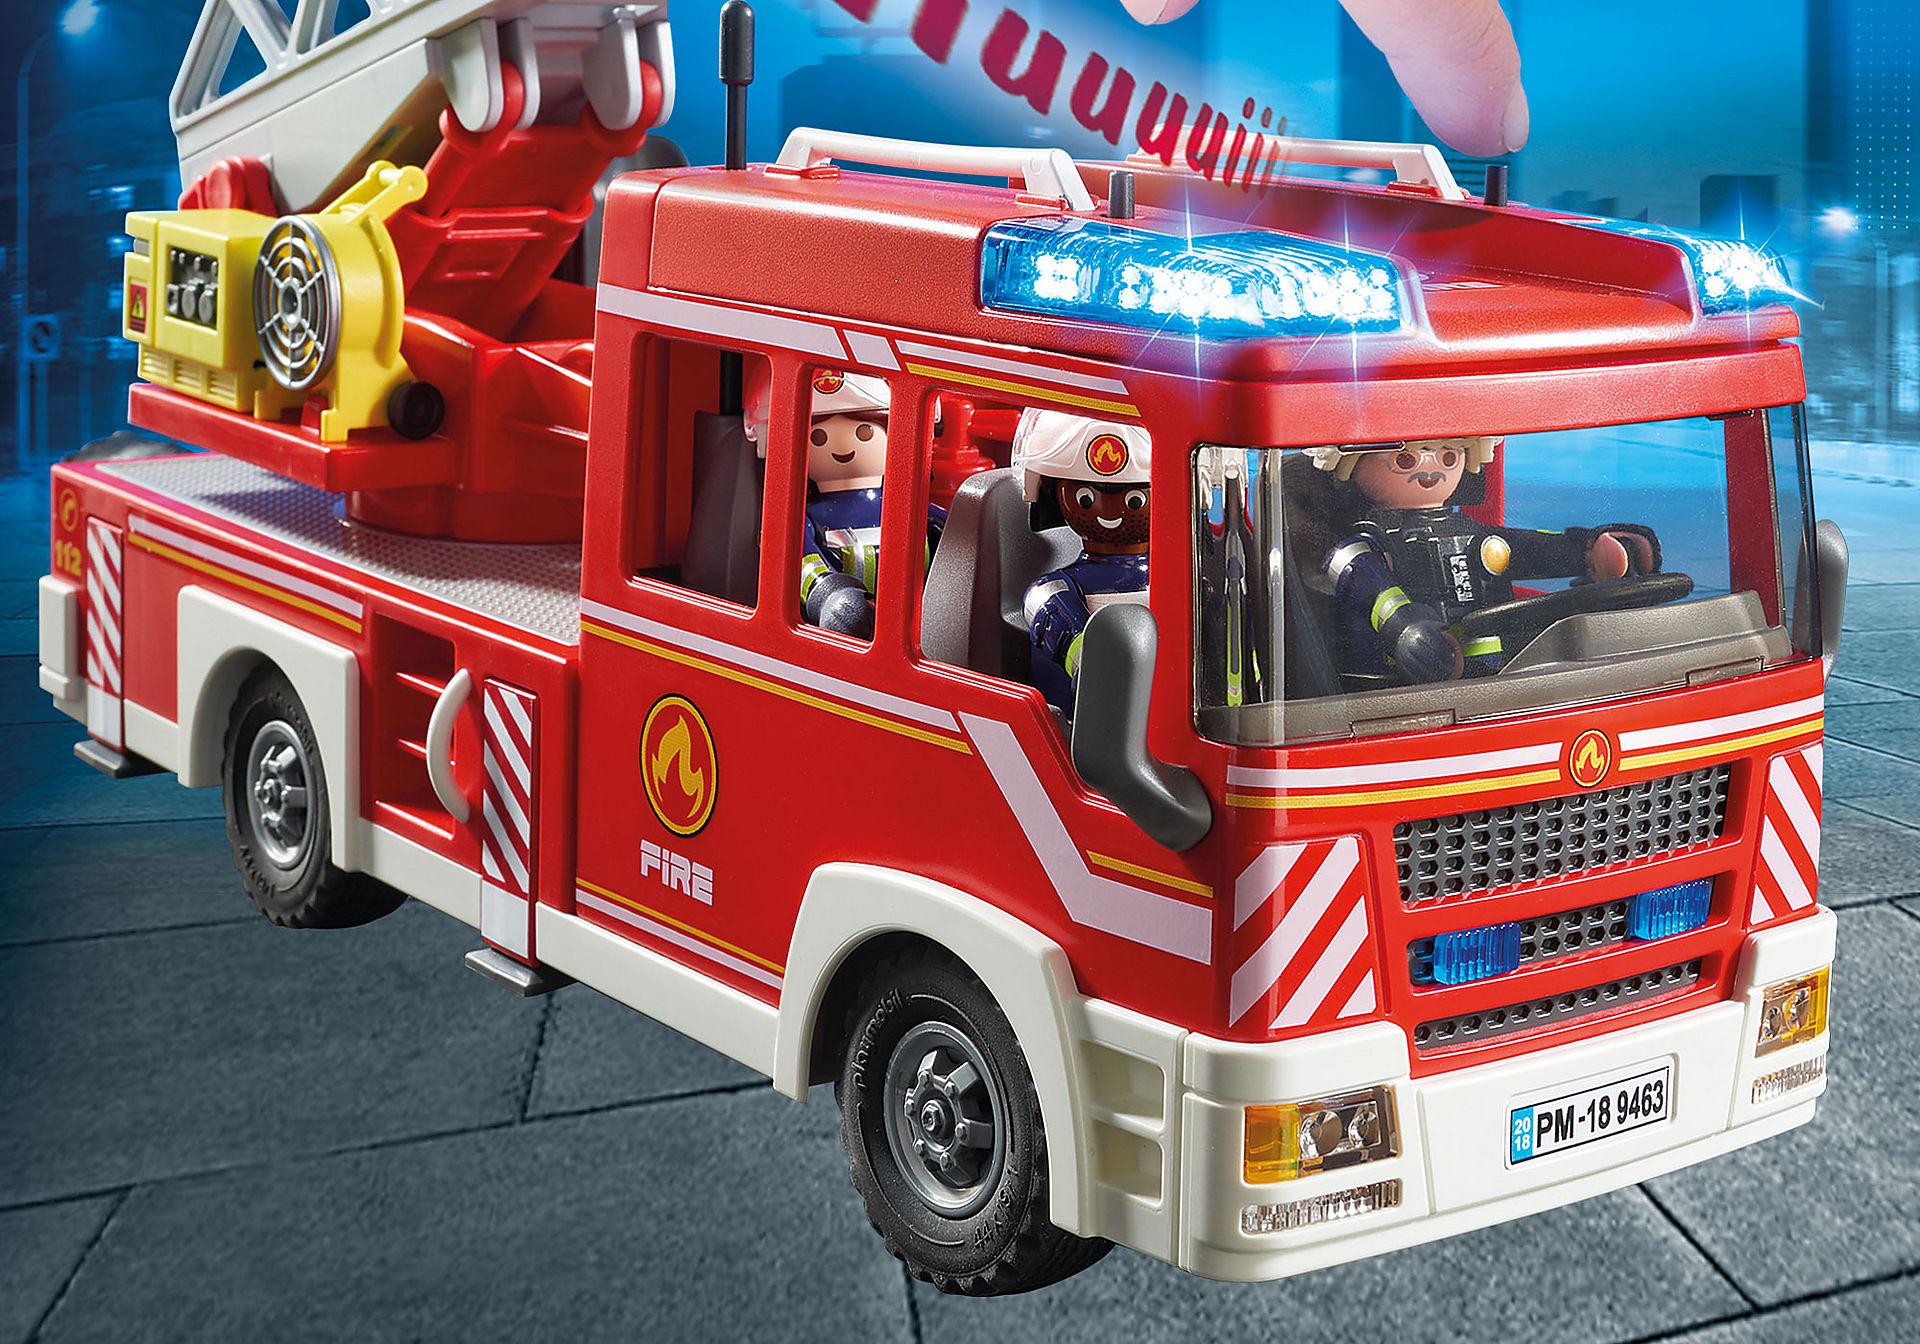 http://media.playmobil.com/i/playmobil/9463_product_extra1/Carro dos Bombeiros com Escadas